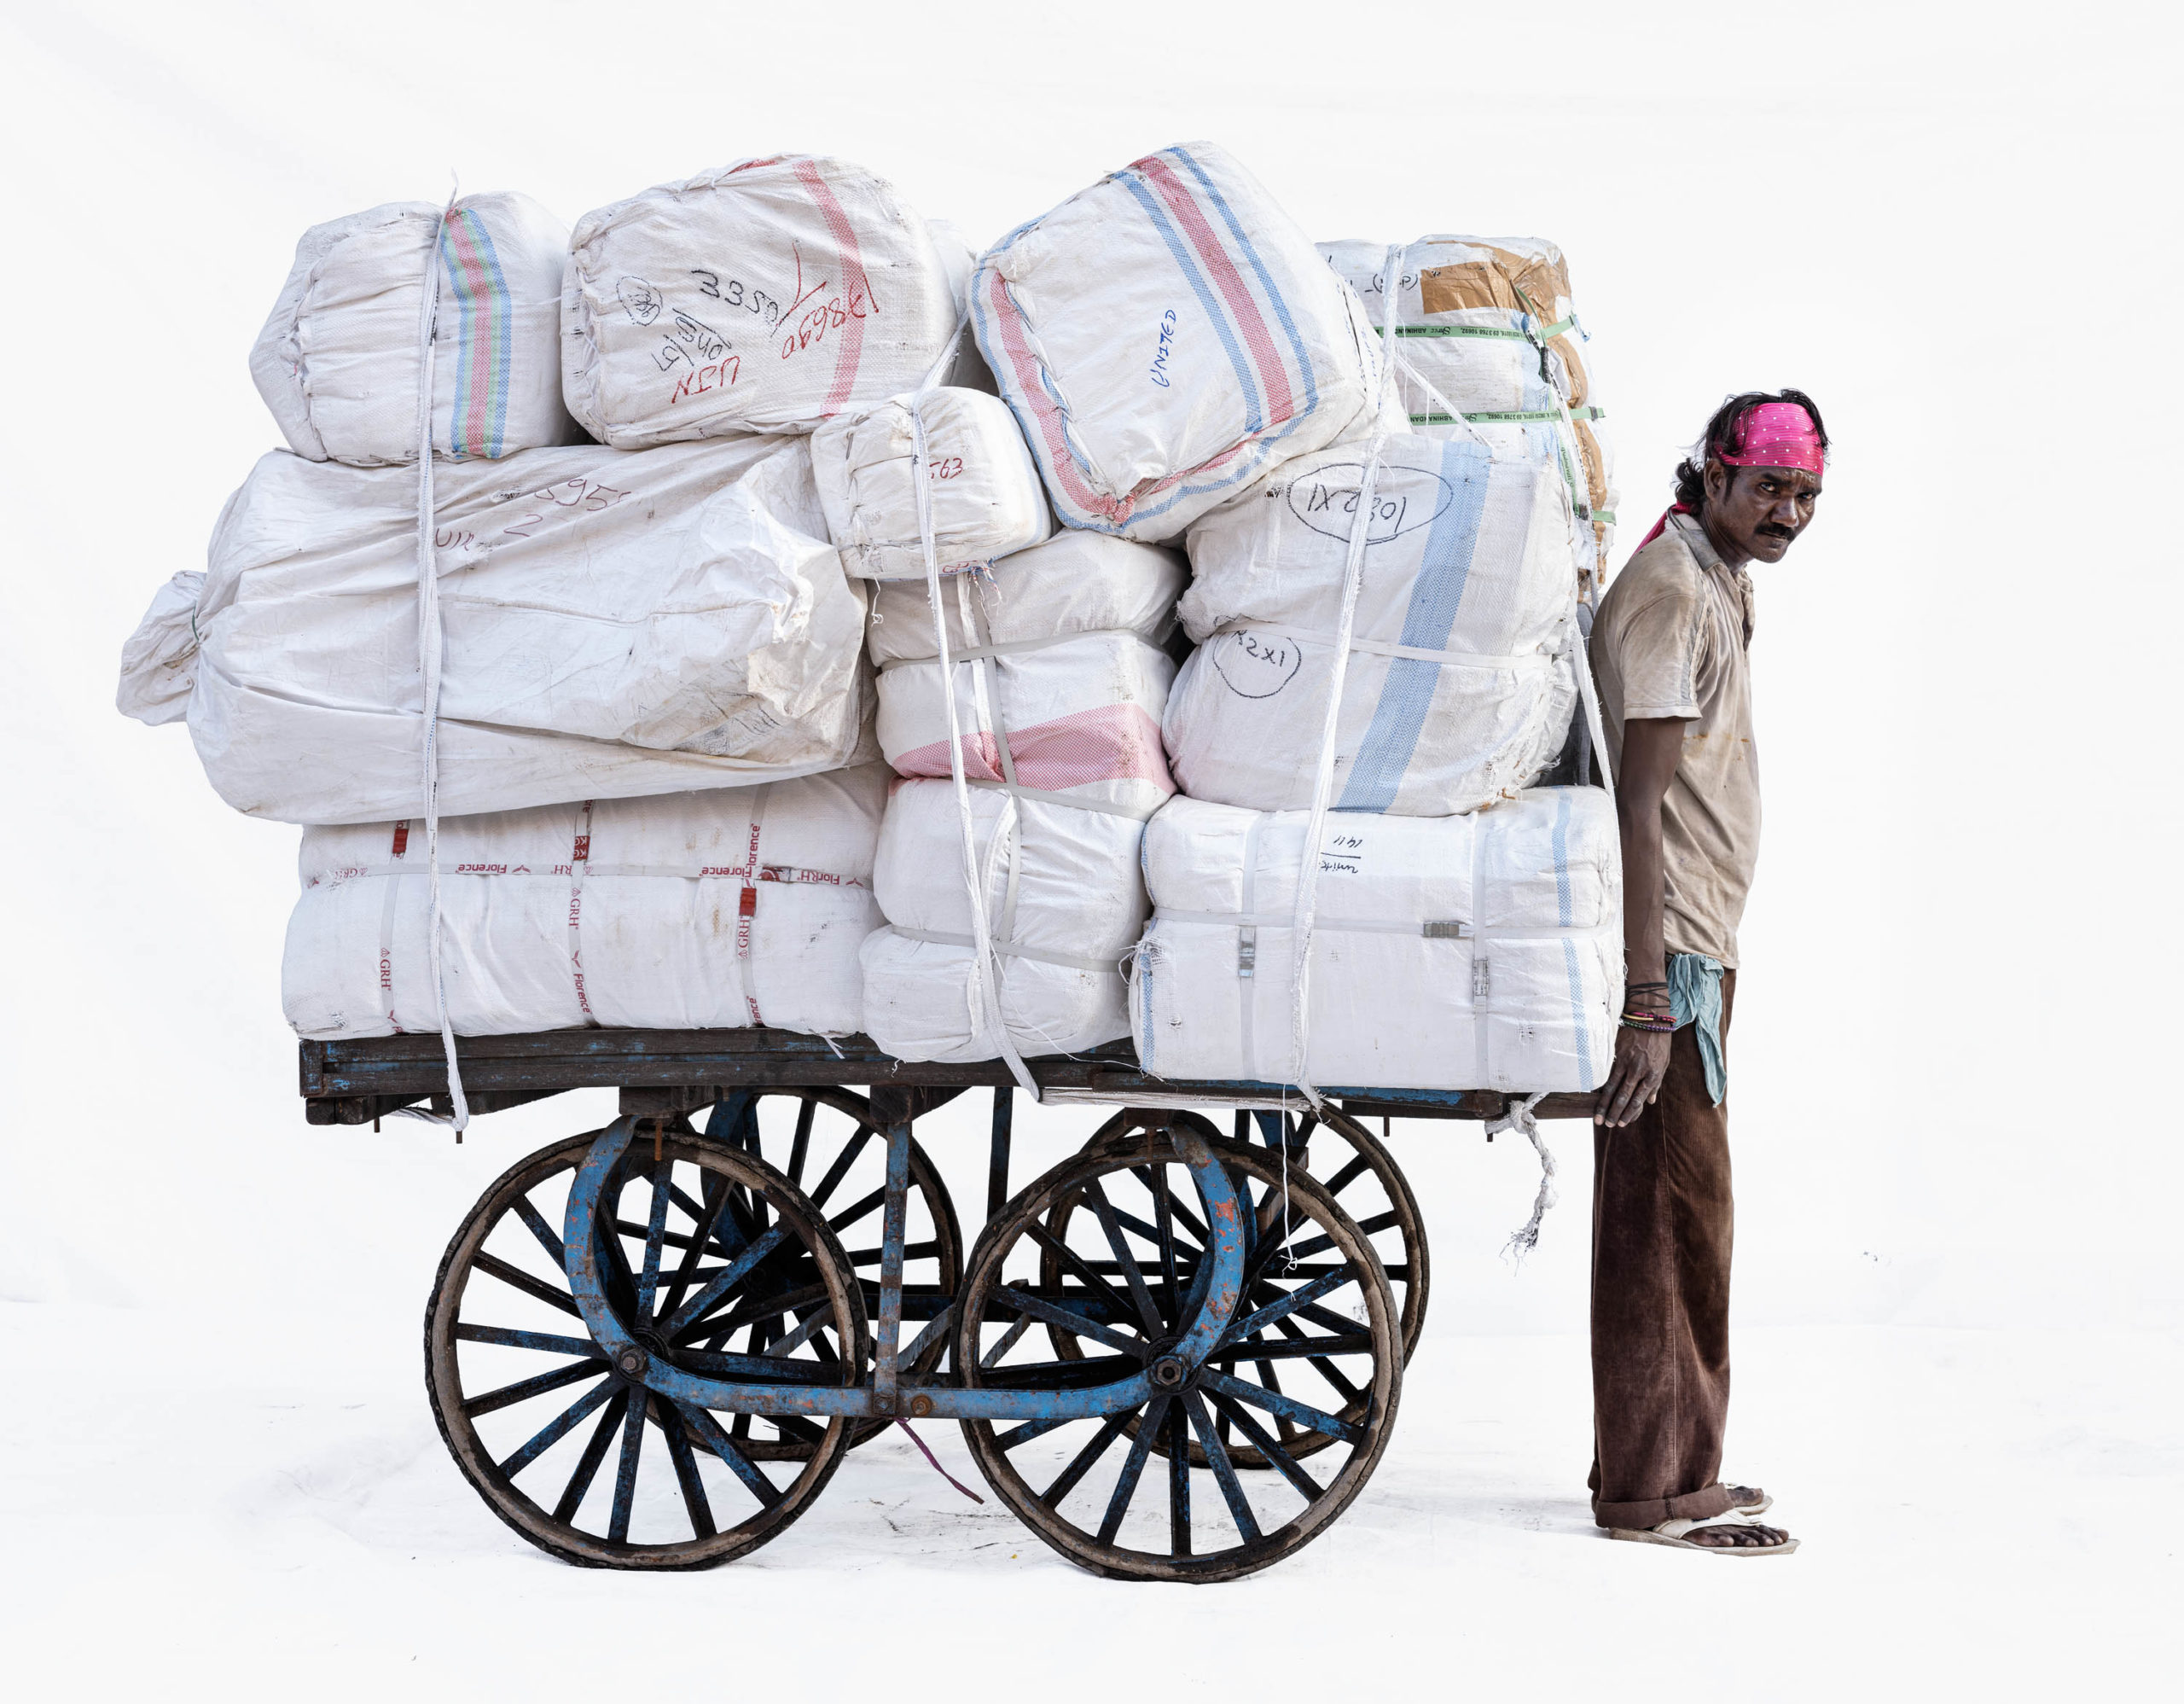 Handcart #1; Courier Sanju Baba (Ujjain, Madhya Pradesh)